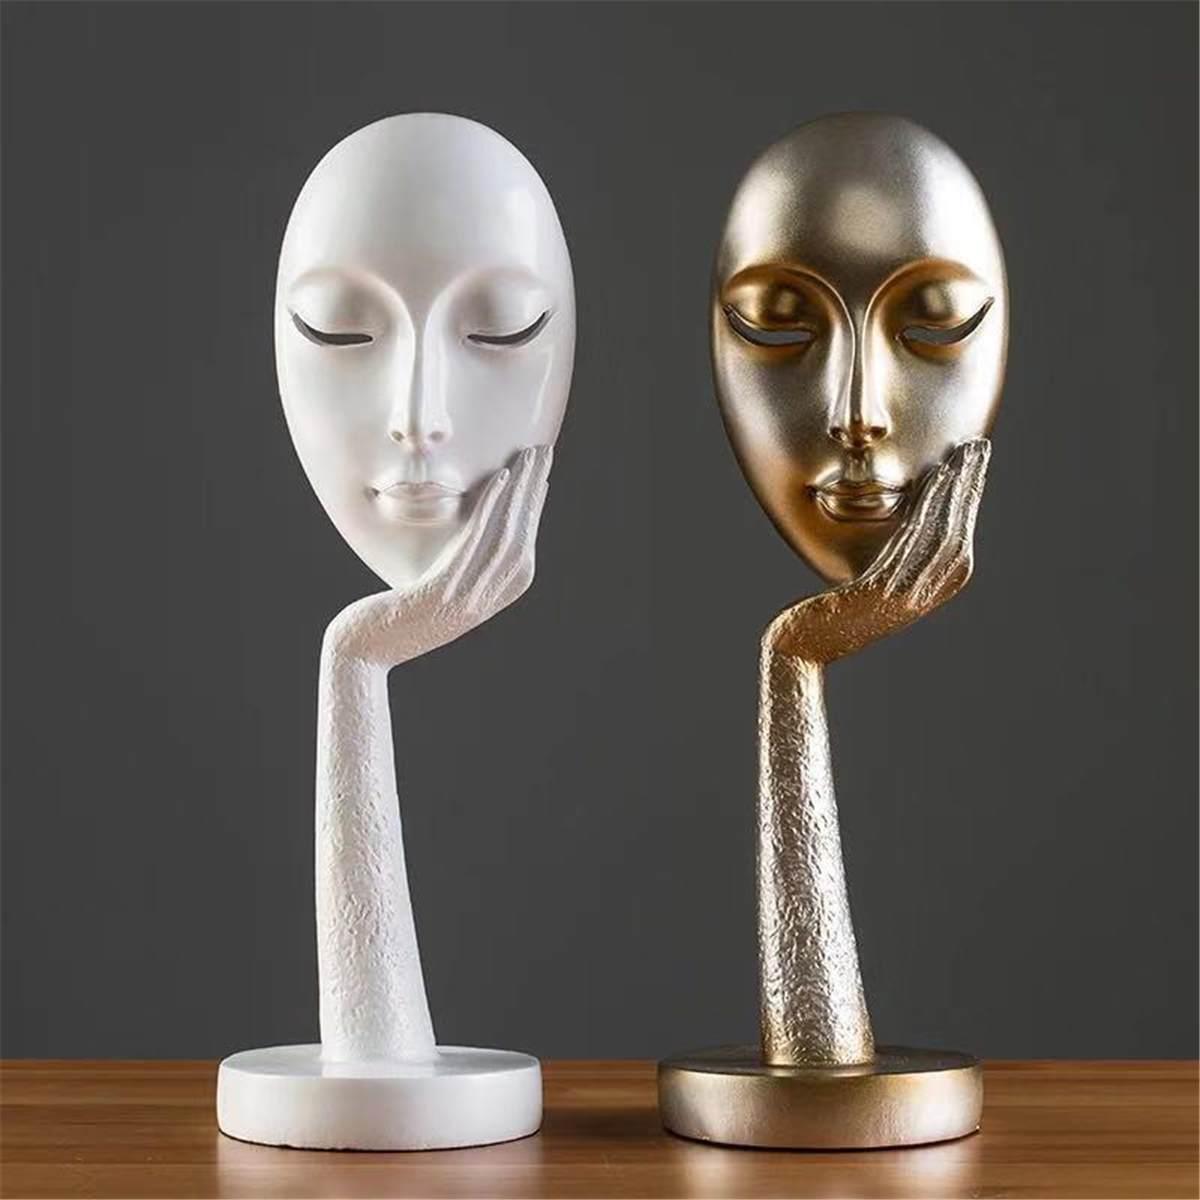 Meditadores Humana moderna Abstrata Senhora Caráter Rosto Arte Da Escultura de Estátuas de Resina Artesanato Estatueta Para Casa Decorativa Exibição